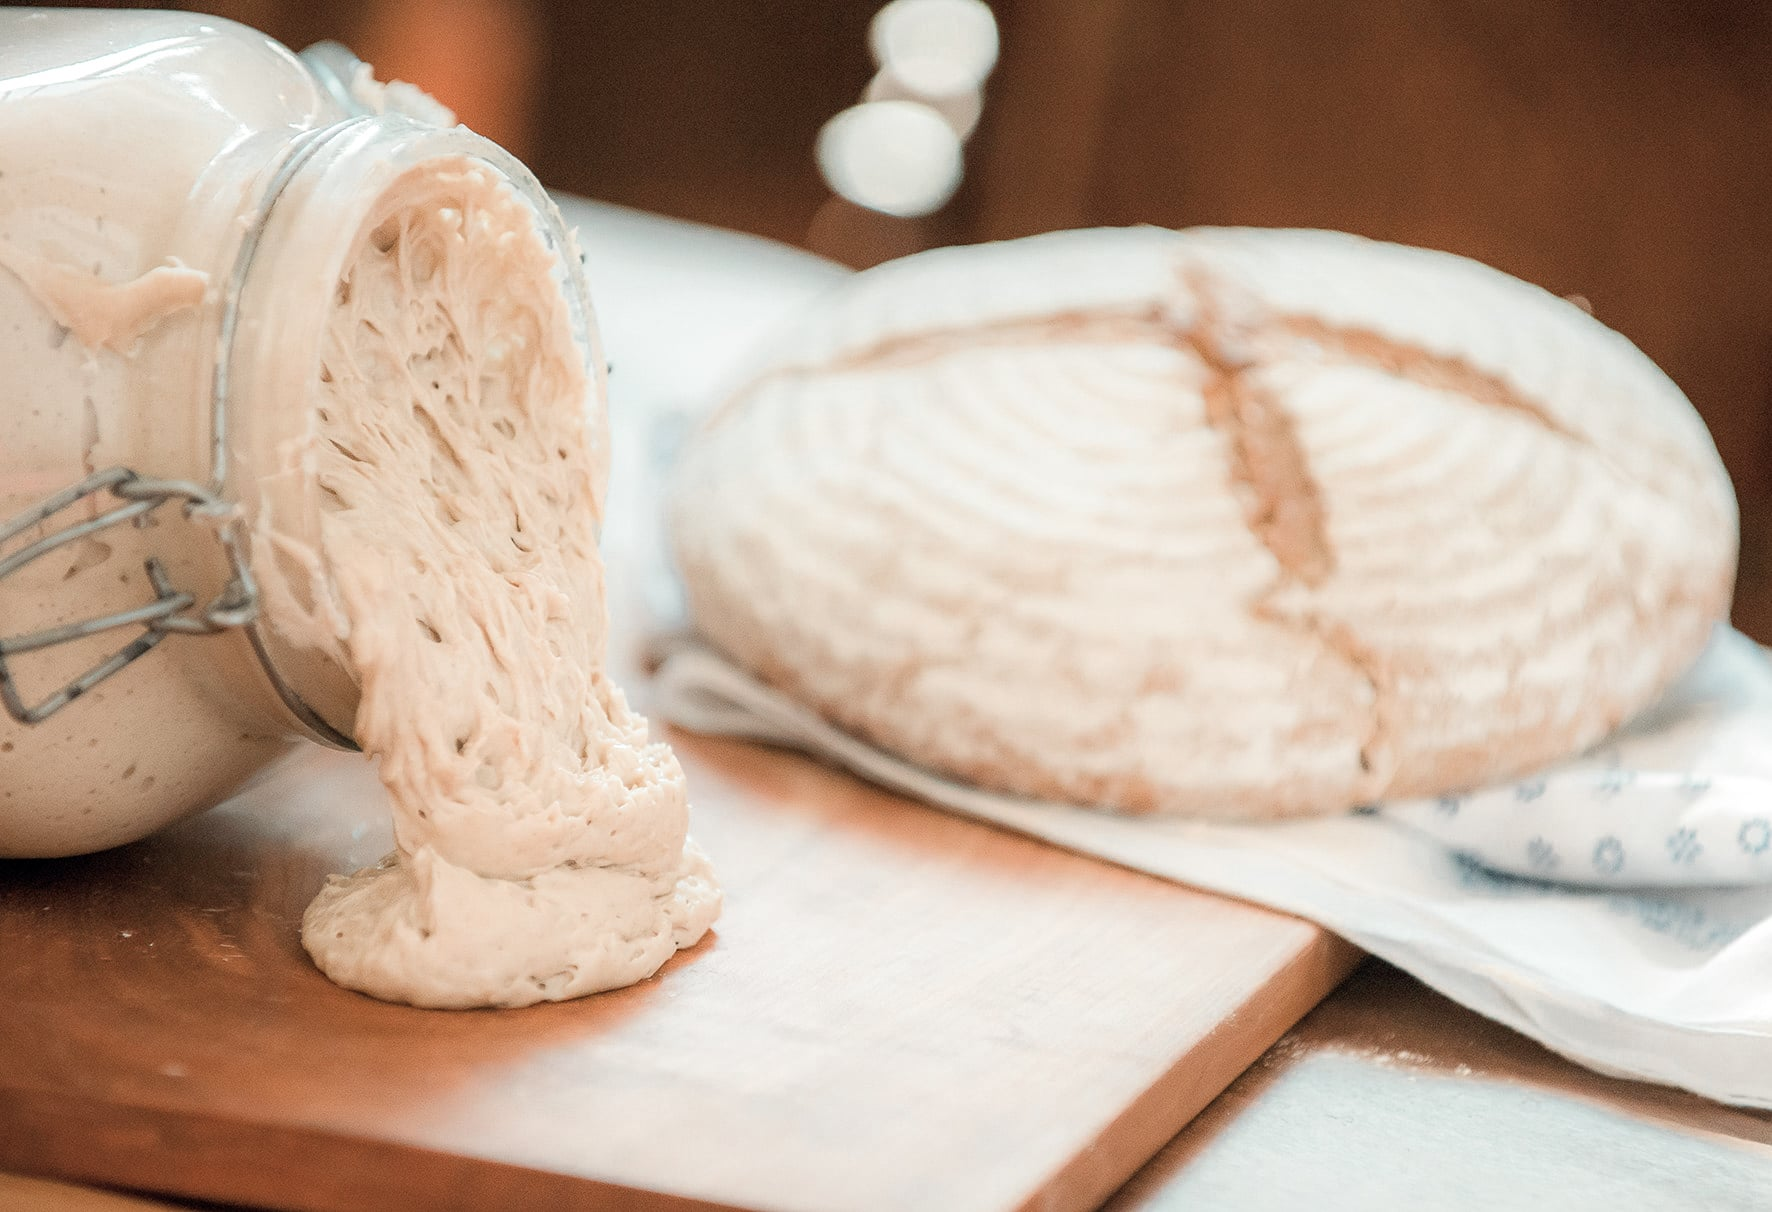 Bio-Brotteig für frisches Brot aus dem Retter BioGut